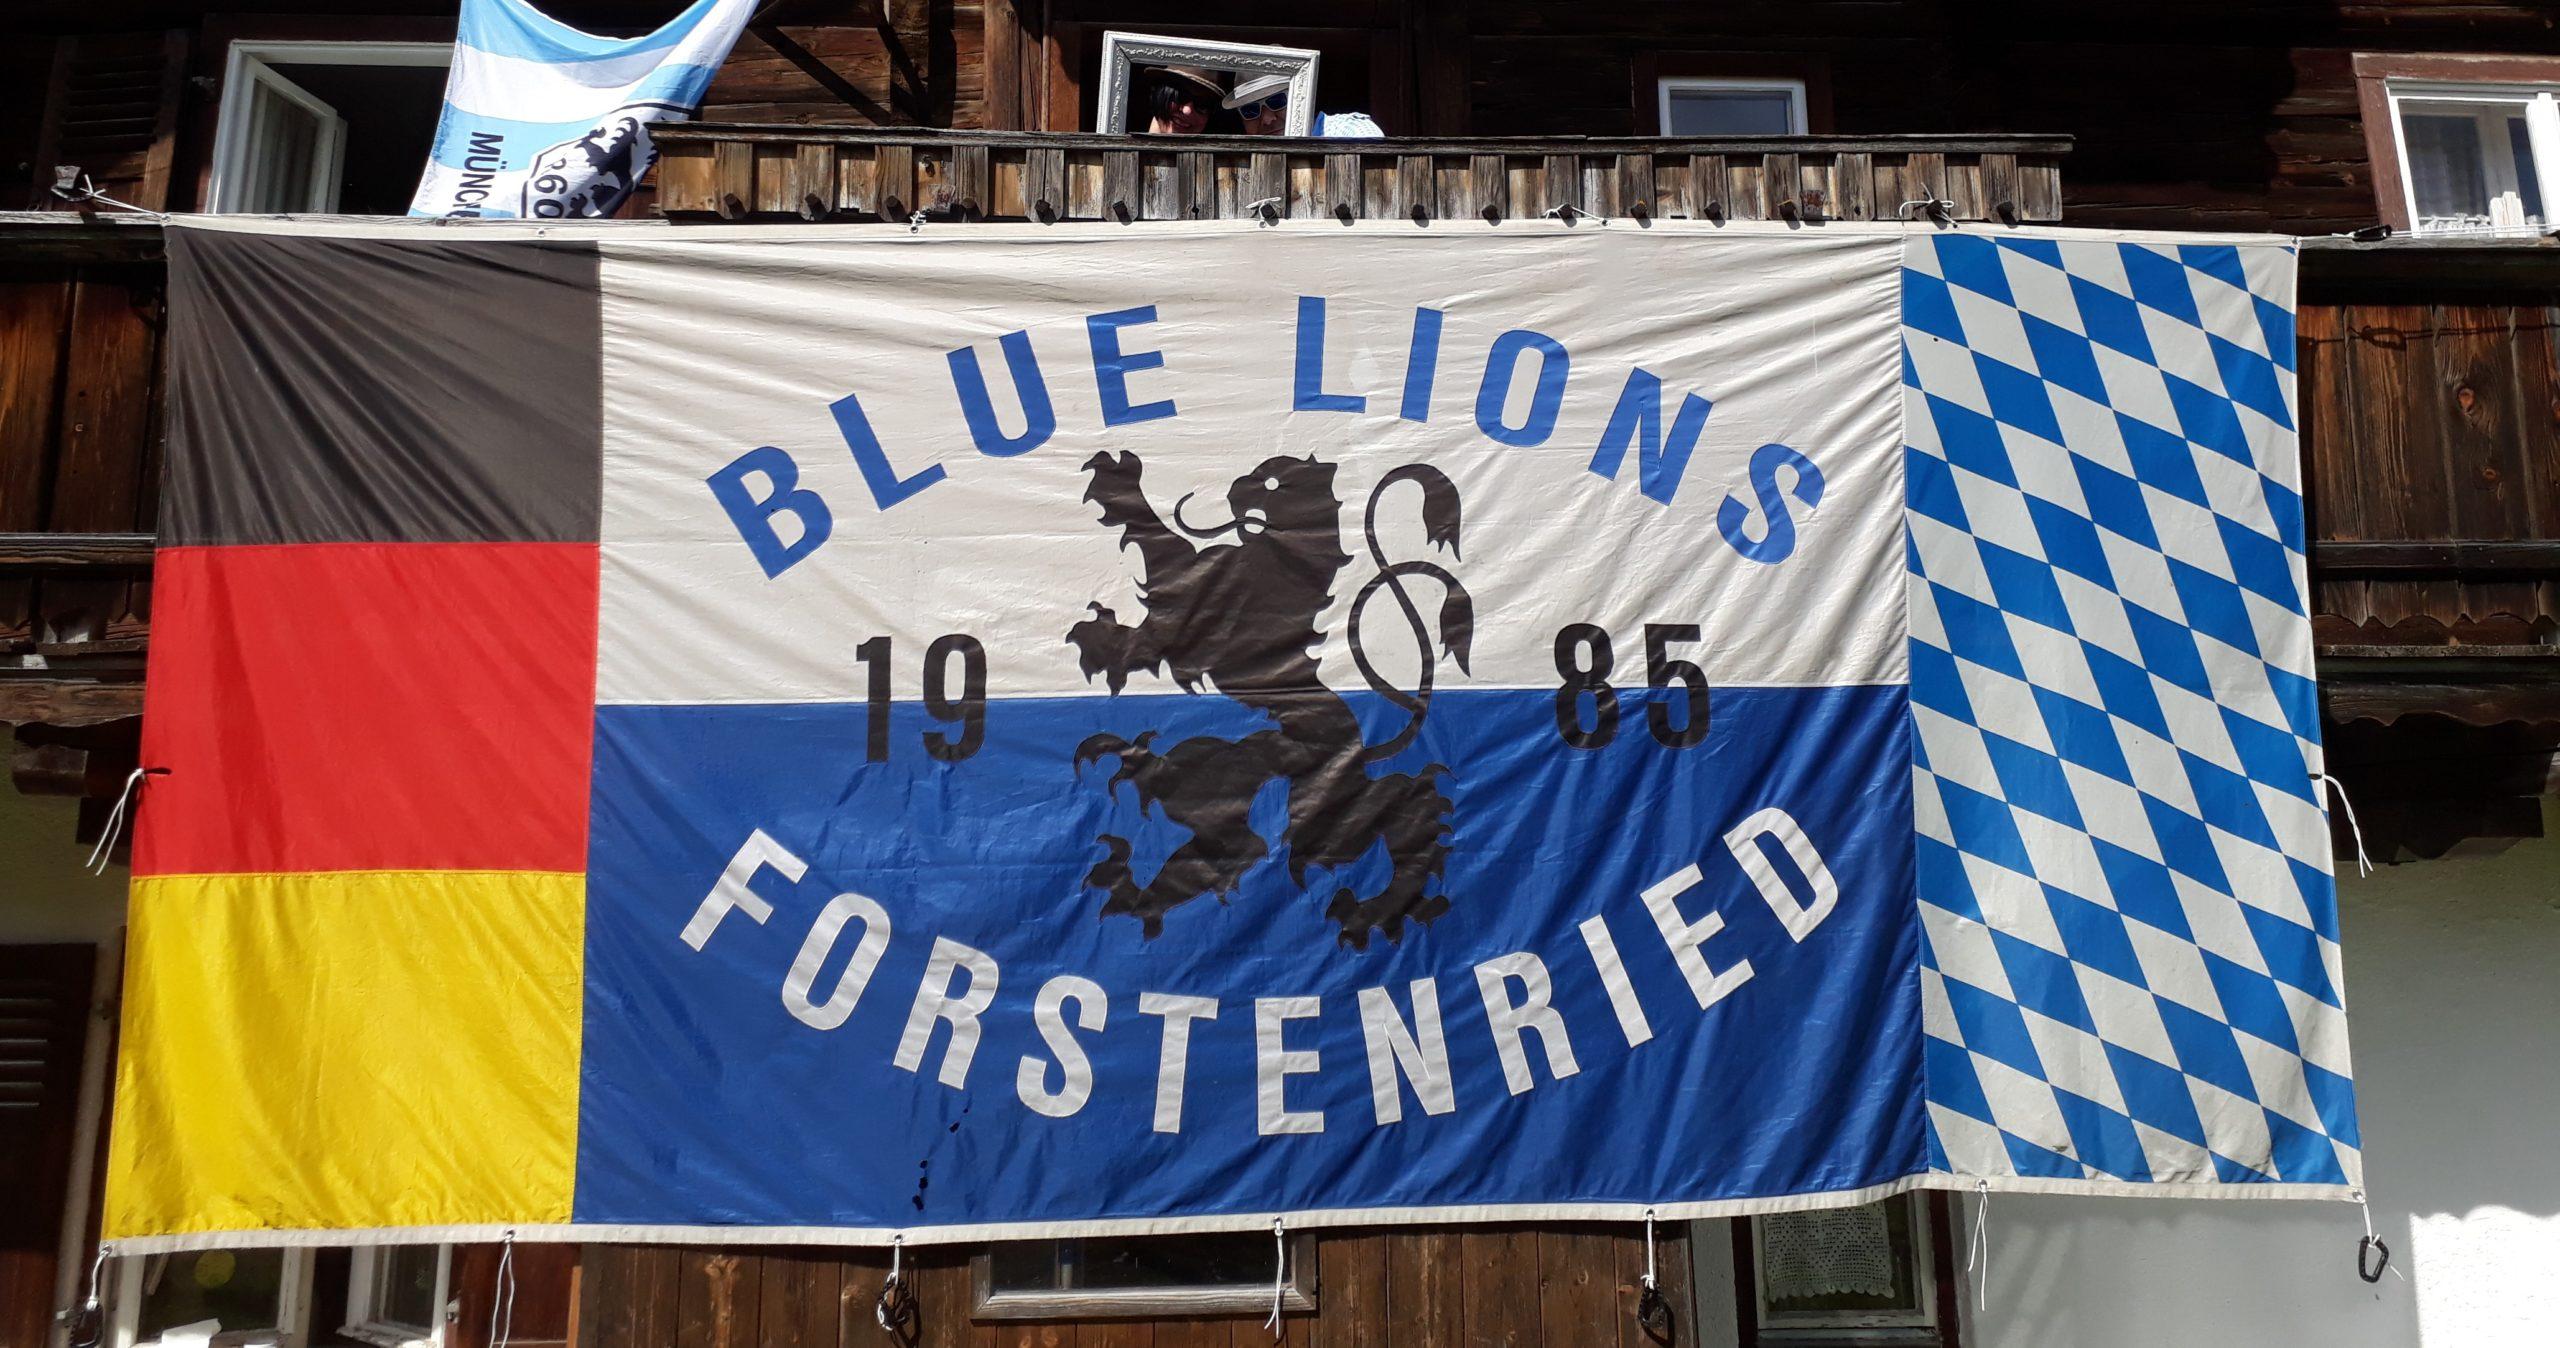 Blue Lions Forstenried Zaunfahne